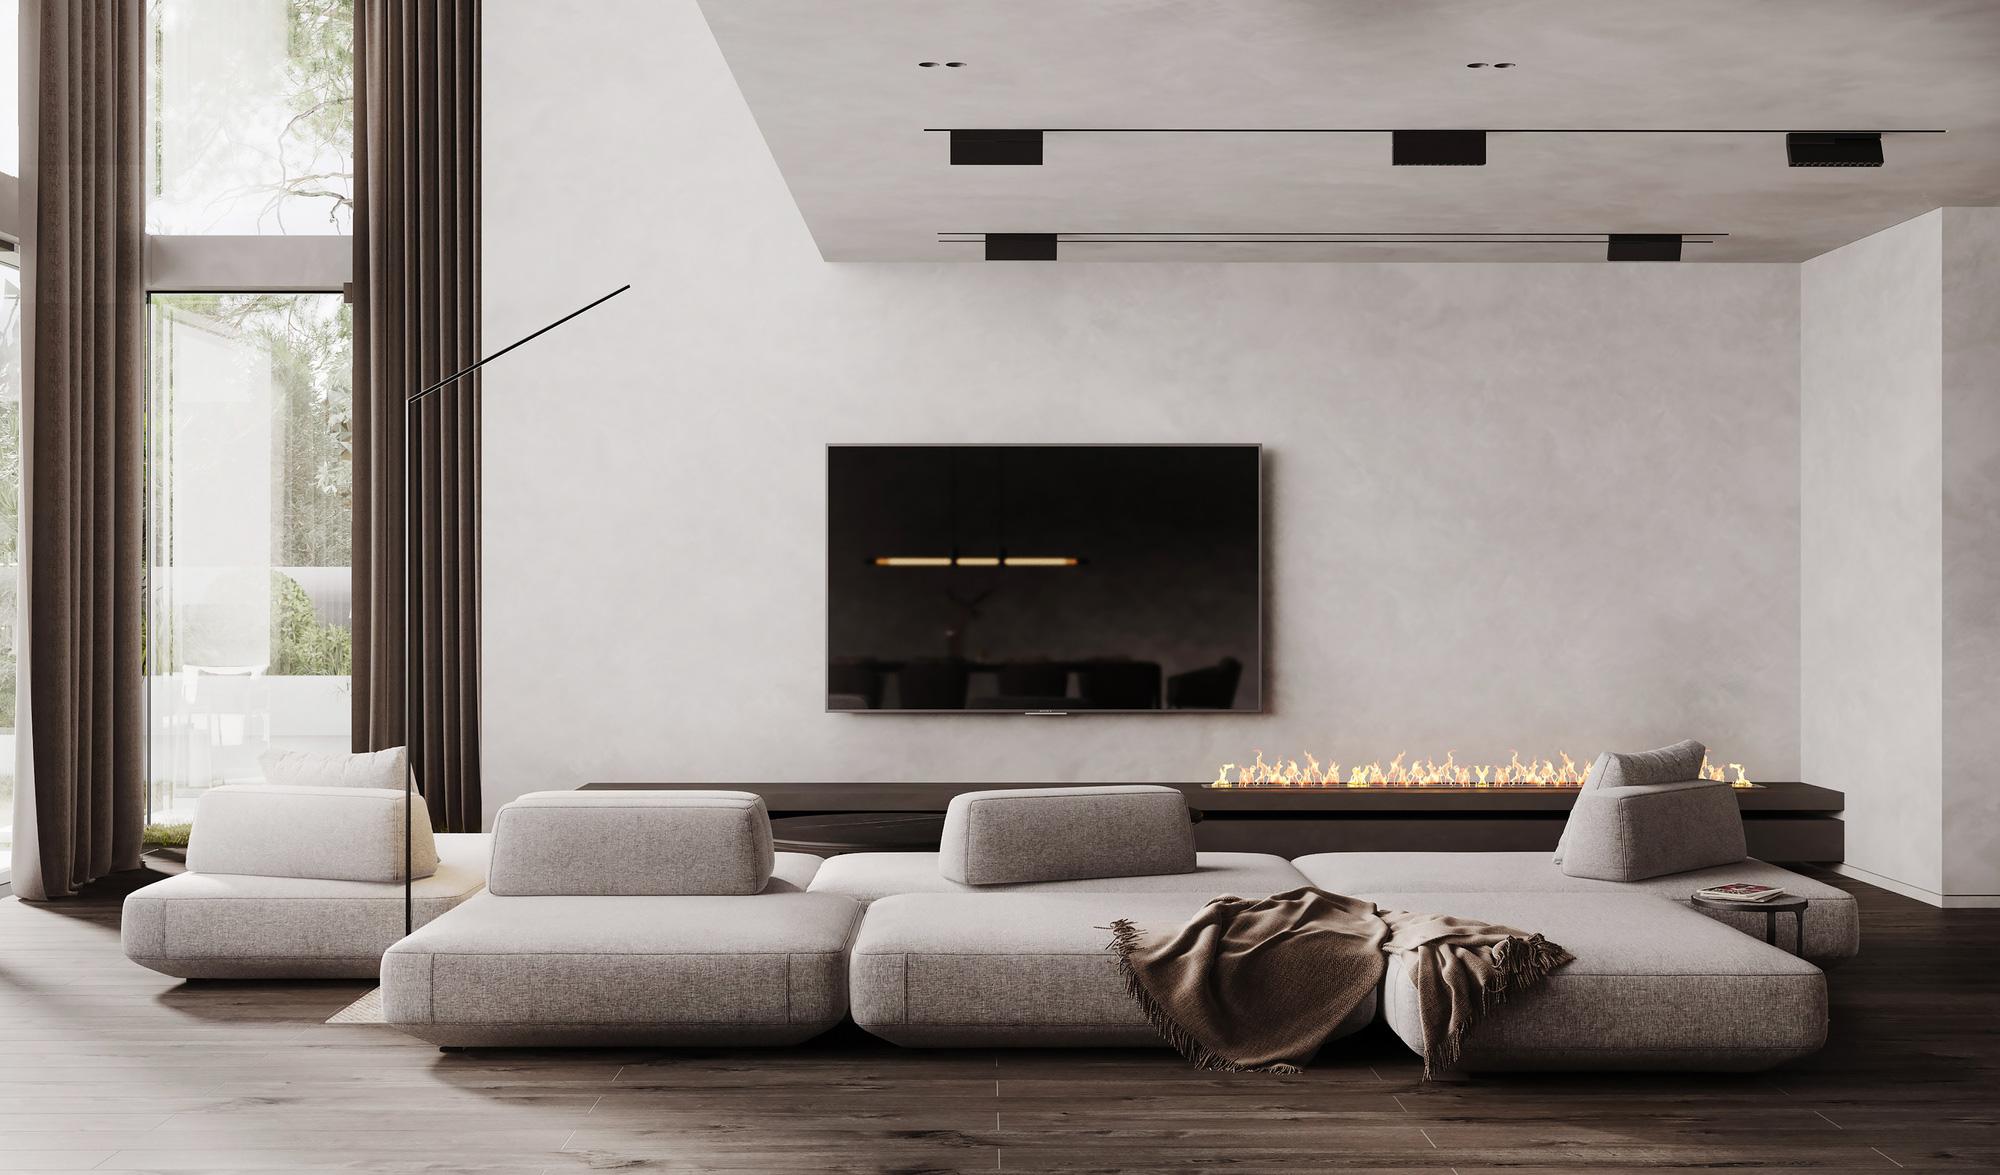 Tư vấn thiết kế nhà cấp 4 diện tích 60m² theo phong cách tối giản chi phí chỉ 150 triệu - Ảnh 3.